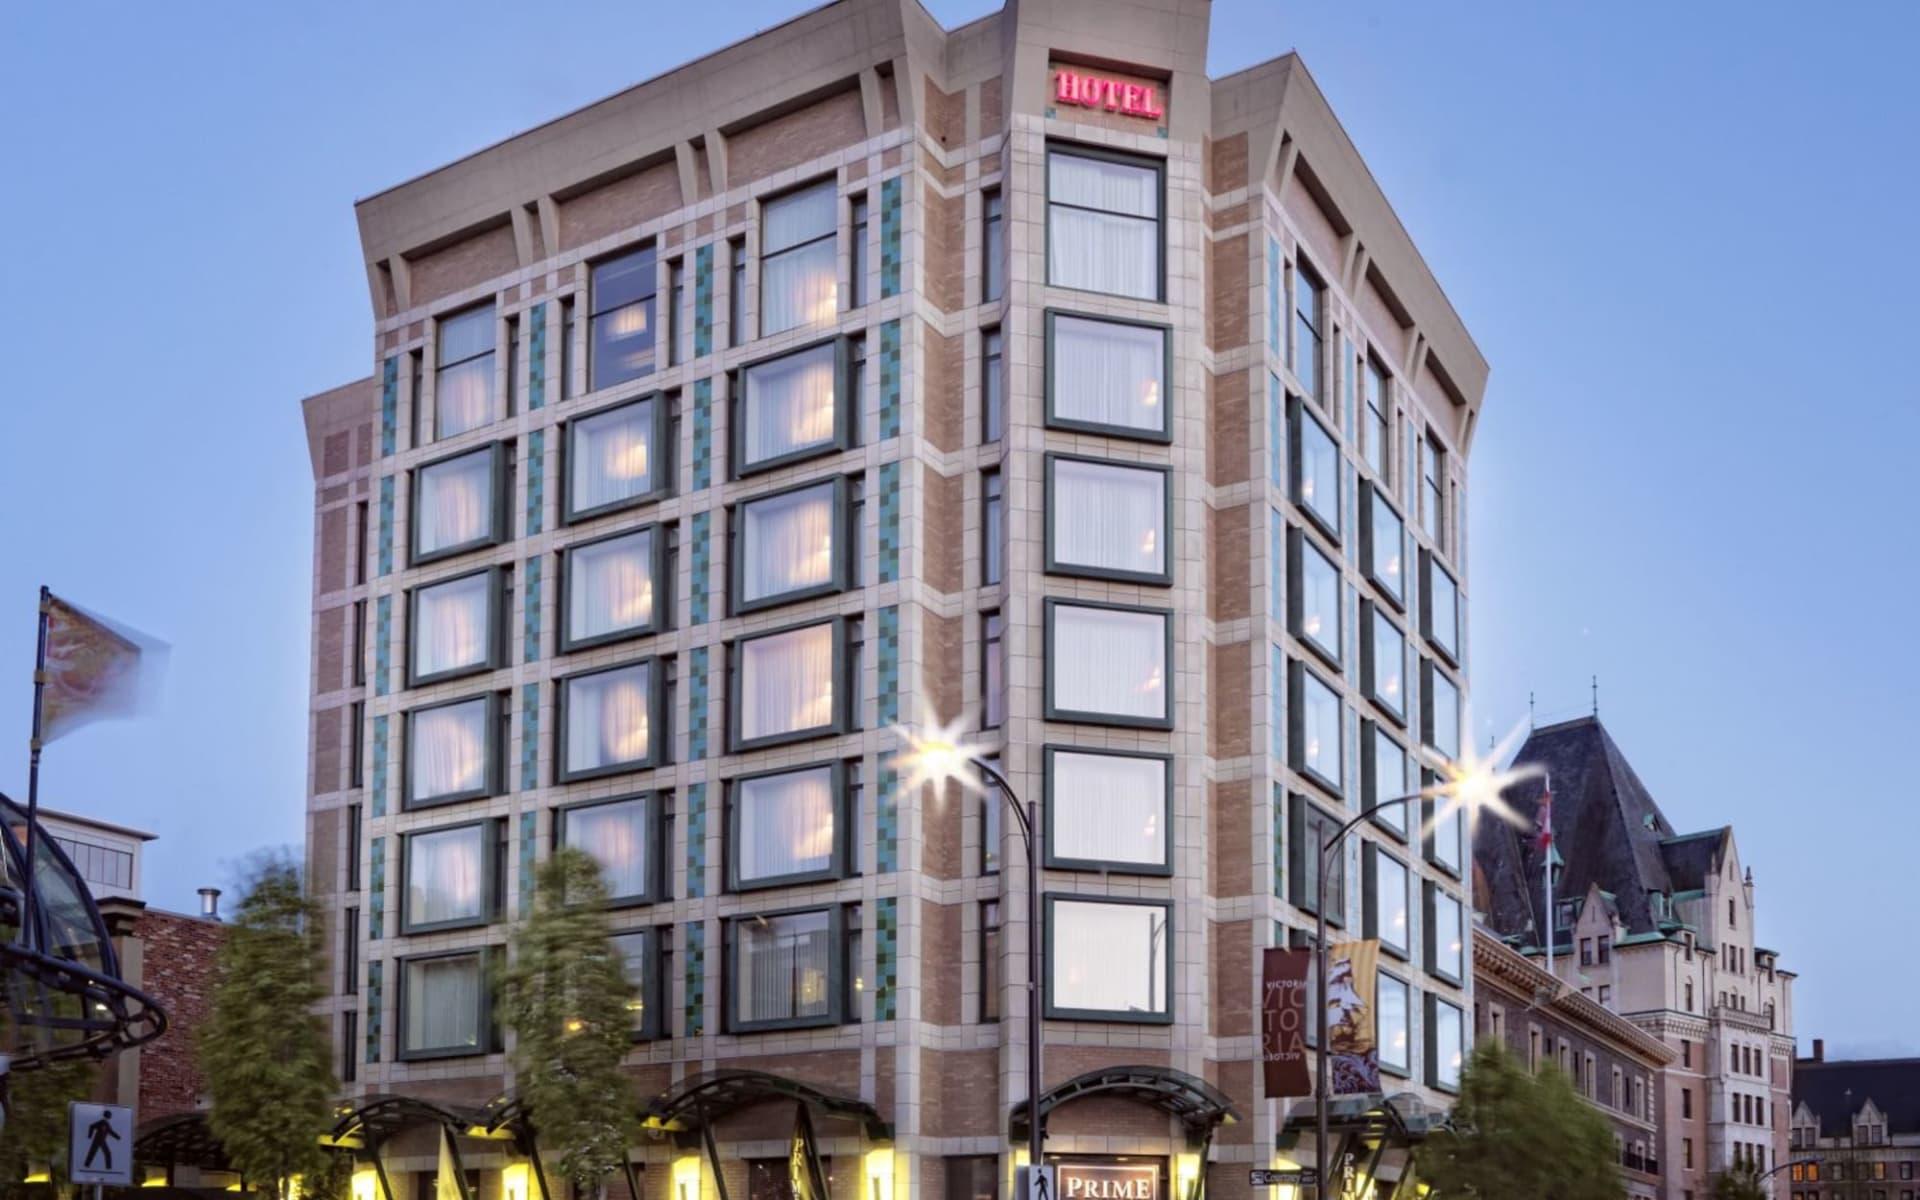 Magnolia Hotel & Spa in Victoria: Magnolia Hotel & Spa_FrontView